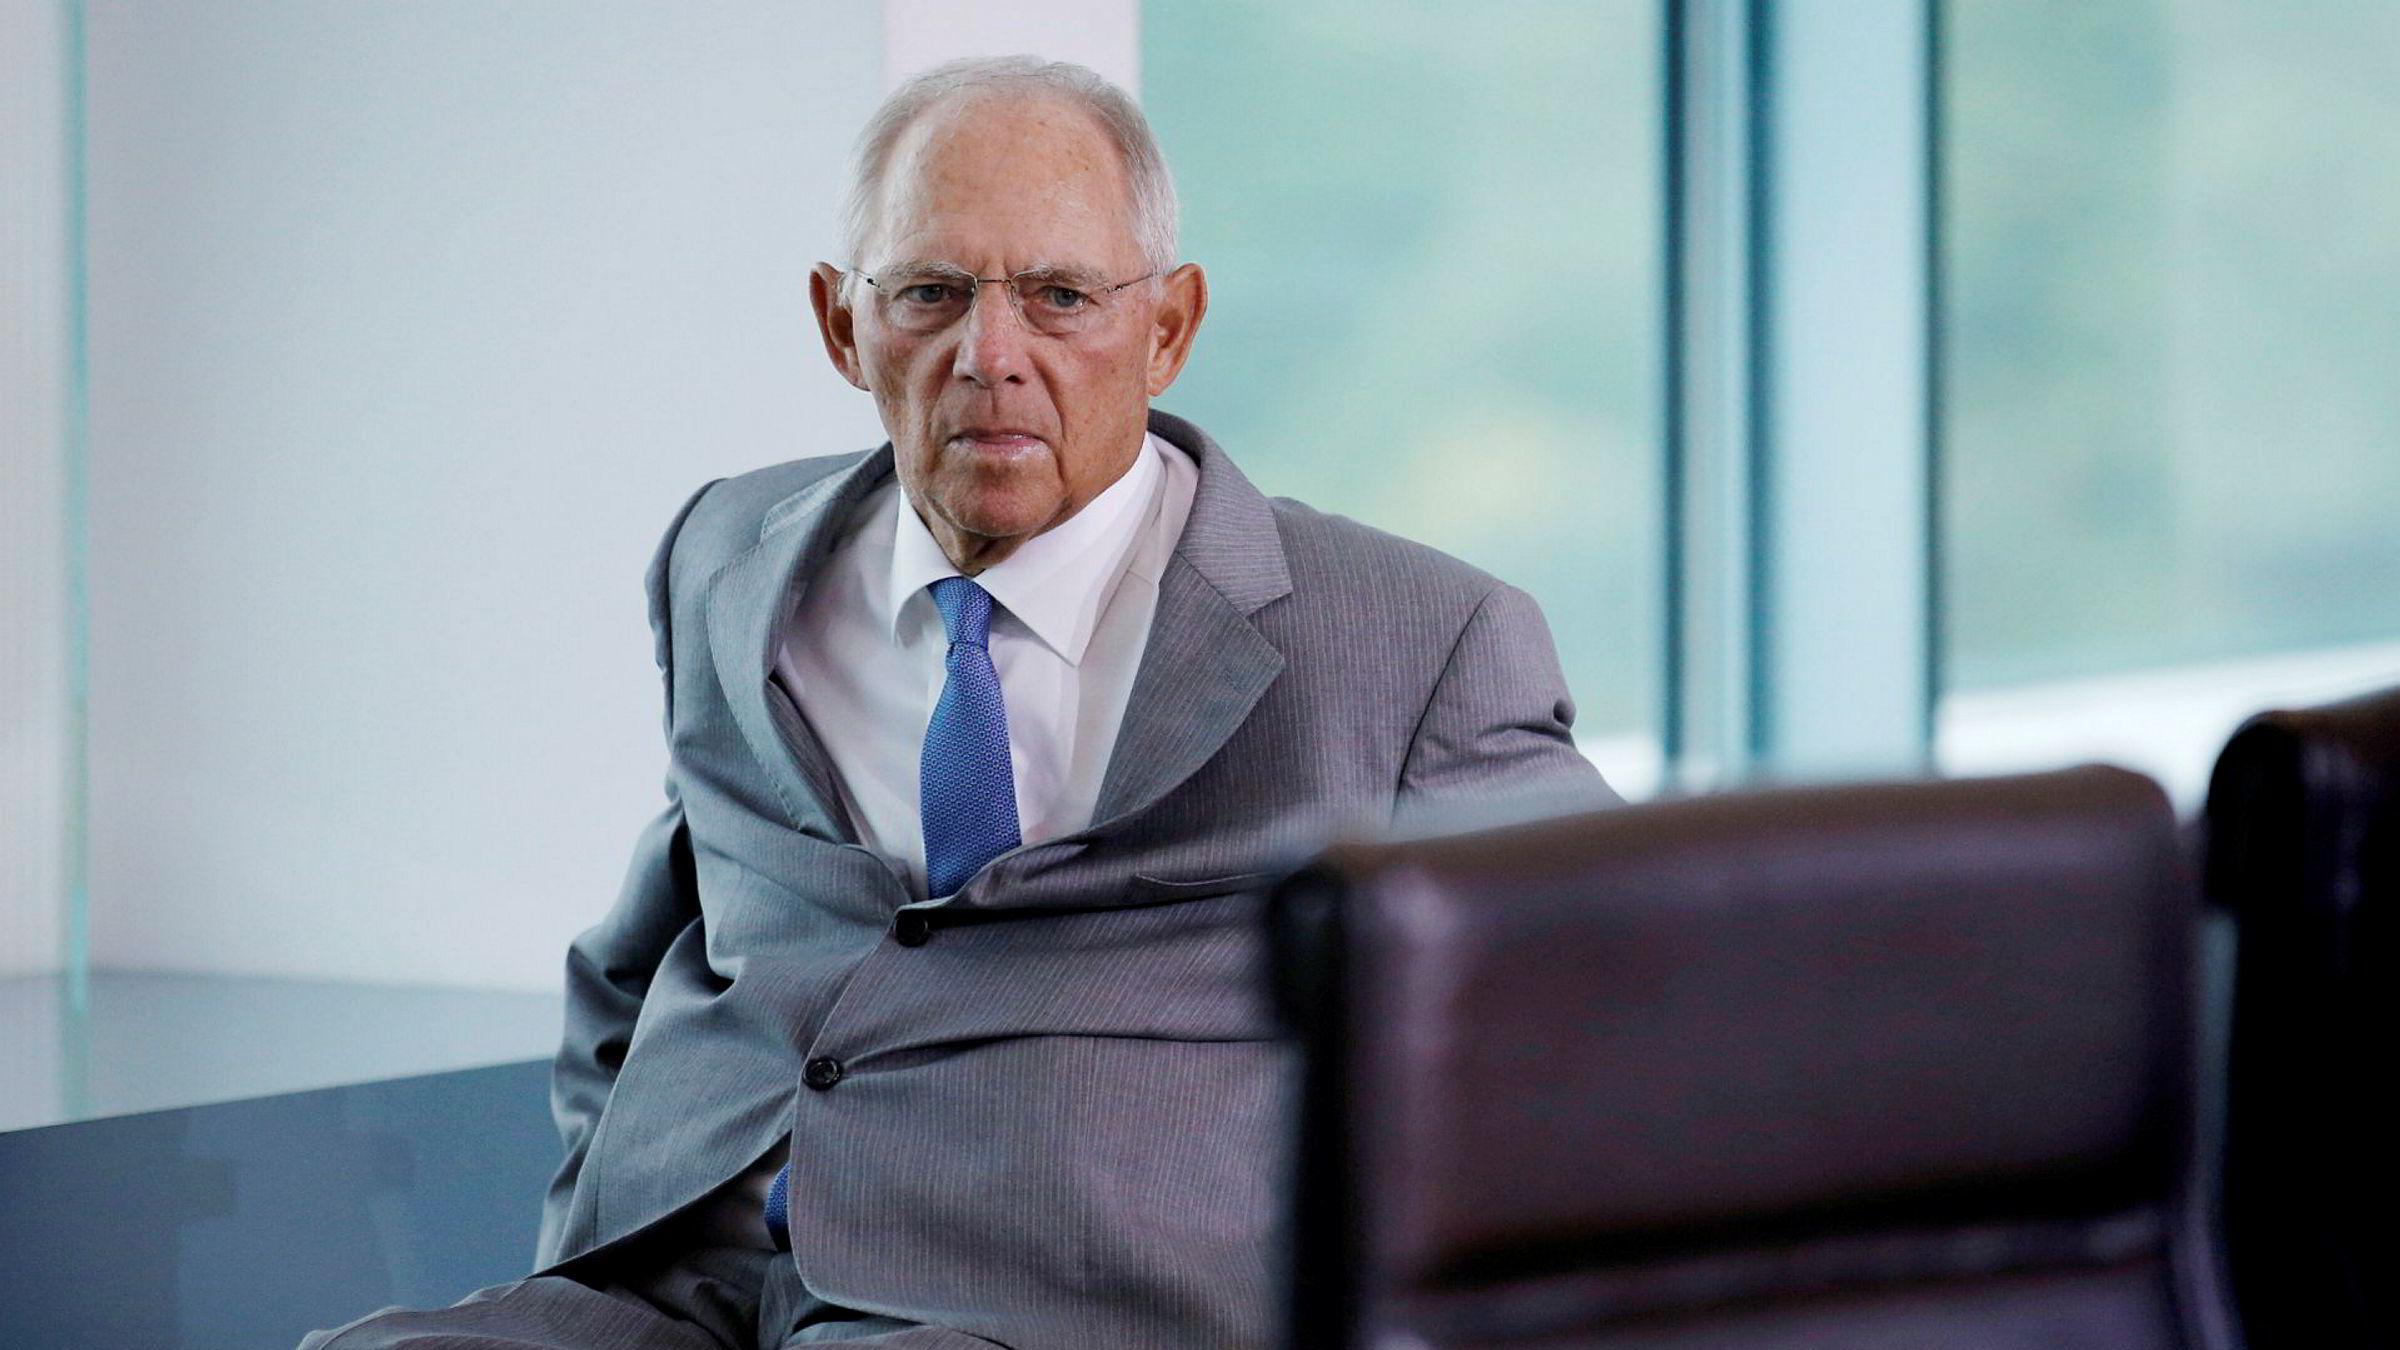 Wolfgang Schäuble (75) har vært tysk finansminister siden 2009. Nå avgår tysk politikks superveteran. I stedet skal han se til att «Ordnung muss sein» som president i den tyske Forbundsdagen.